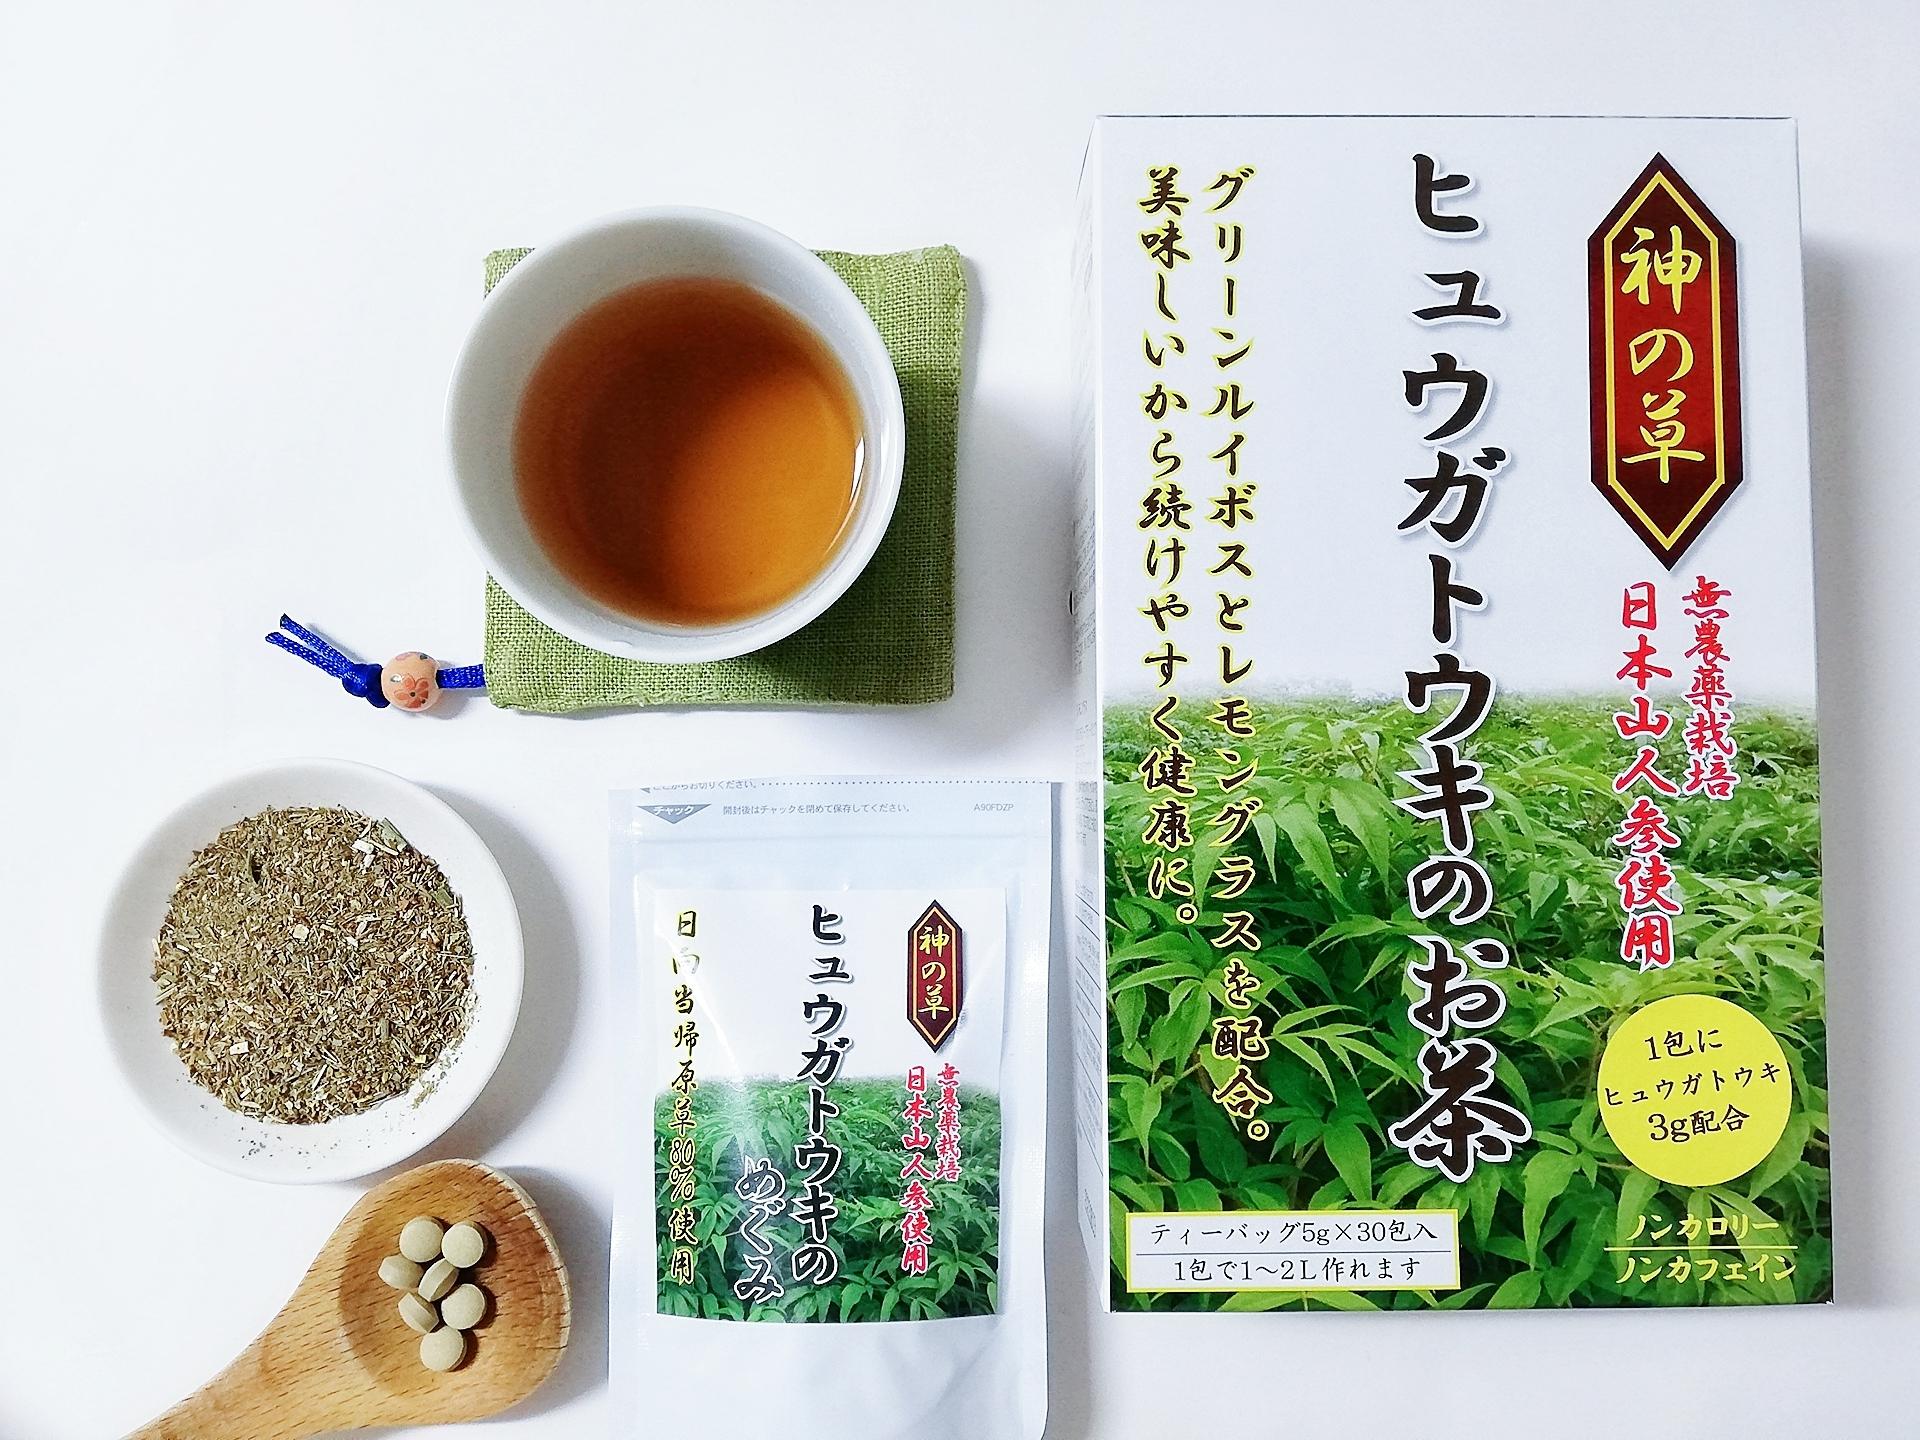 癖になる苦み!!神の草【ヒュウガトウキのお茶】とサプリメントでカラダを整えてます